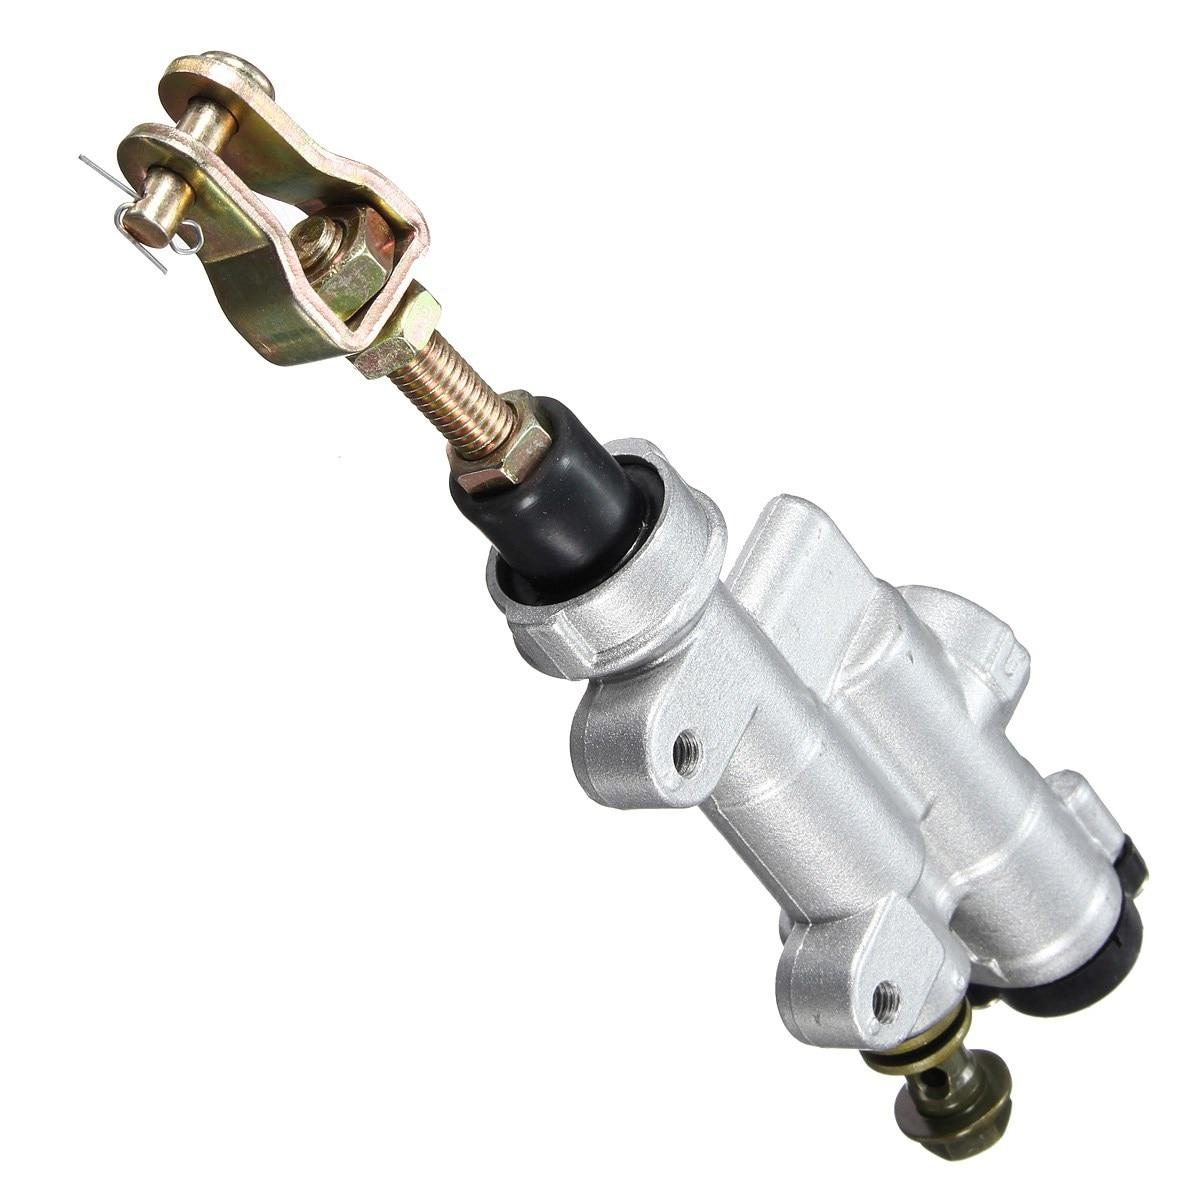 Hinten Bremspumpe Hauptbremszylinder Für Honda CRF250R CRF250X 2004-2013 CRF 250R